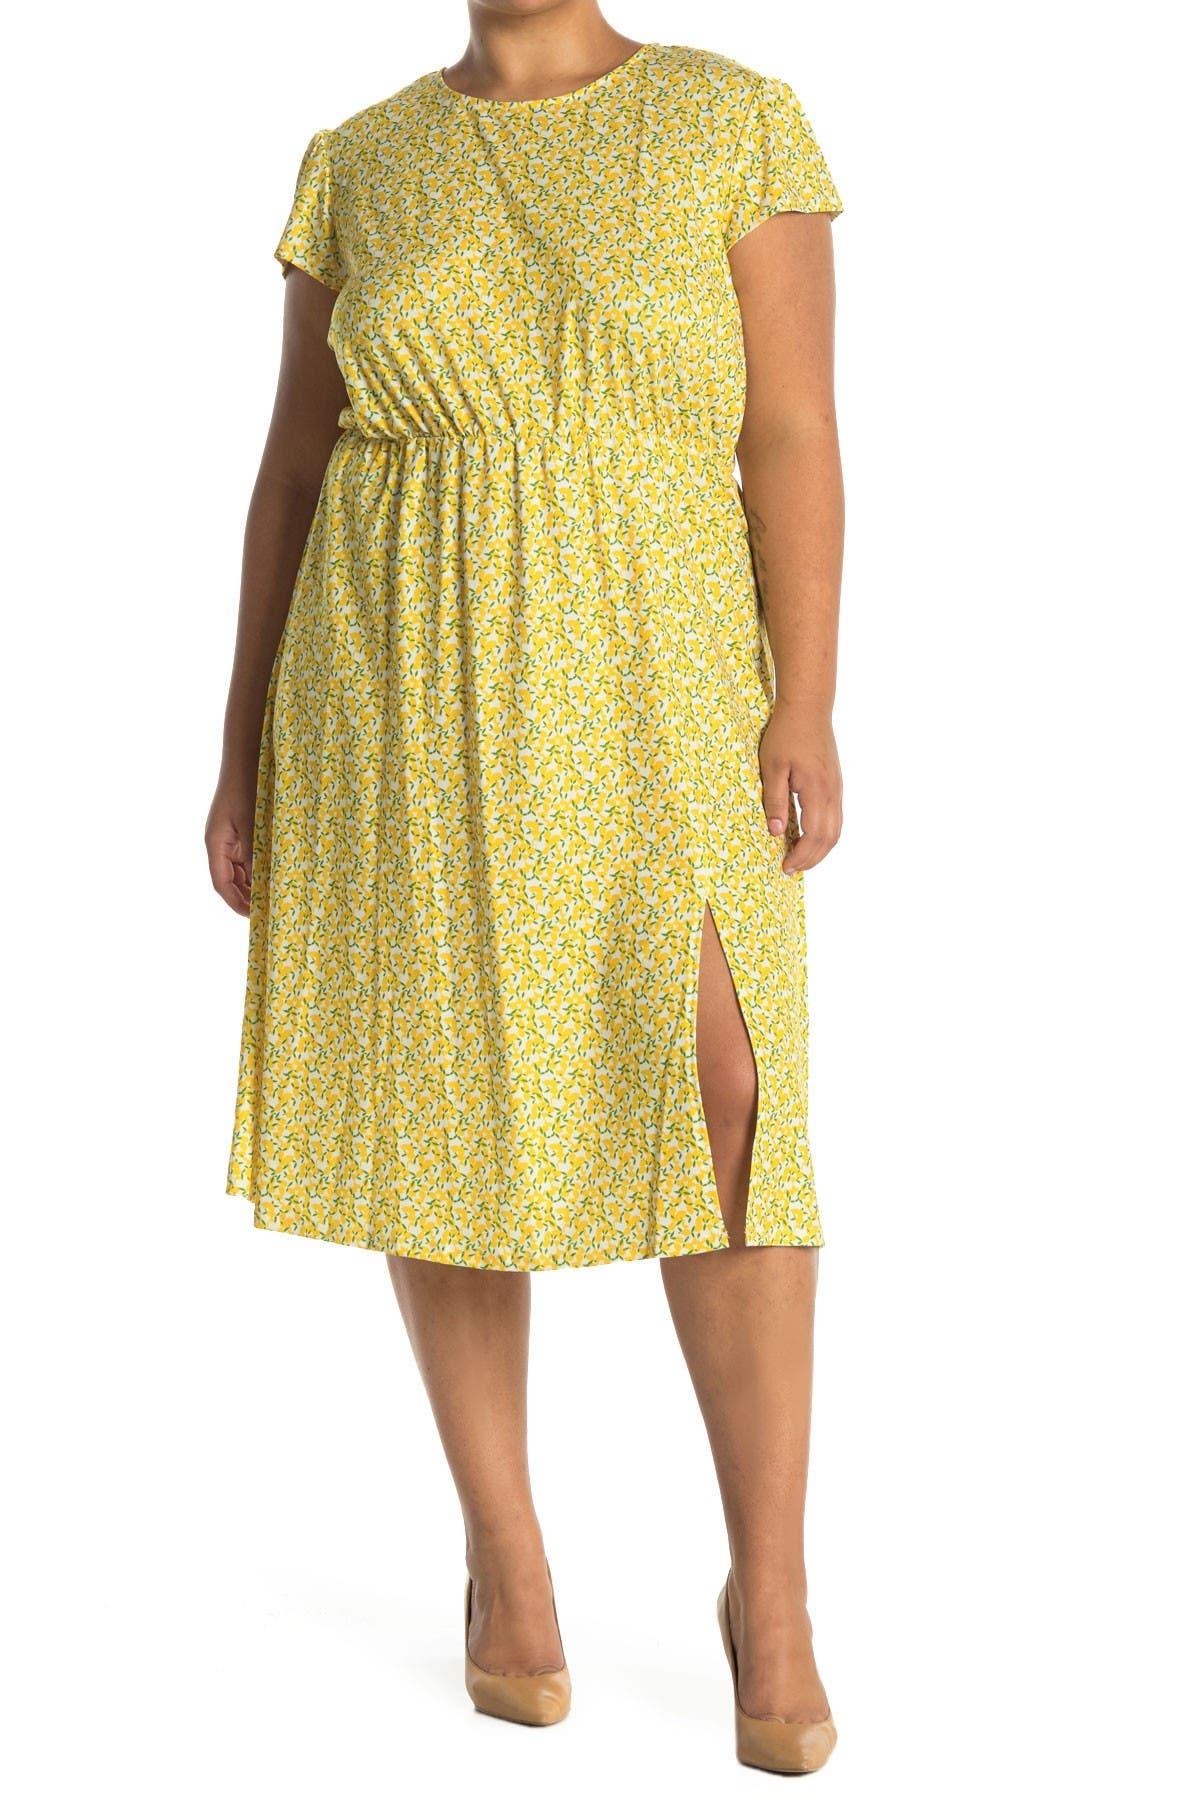 Image of TASH + SOPHIE Mock Neck Shirred Cap Sleeve Dress